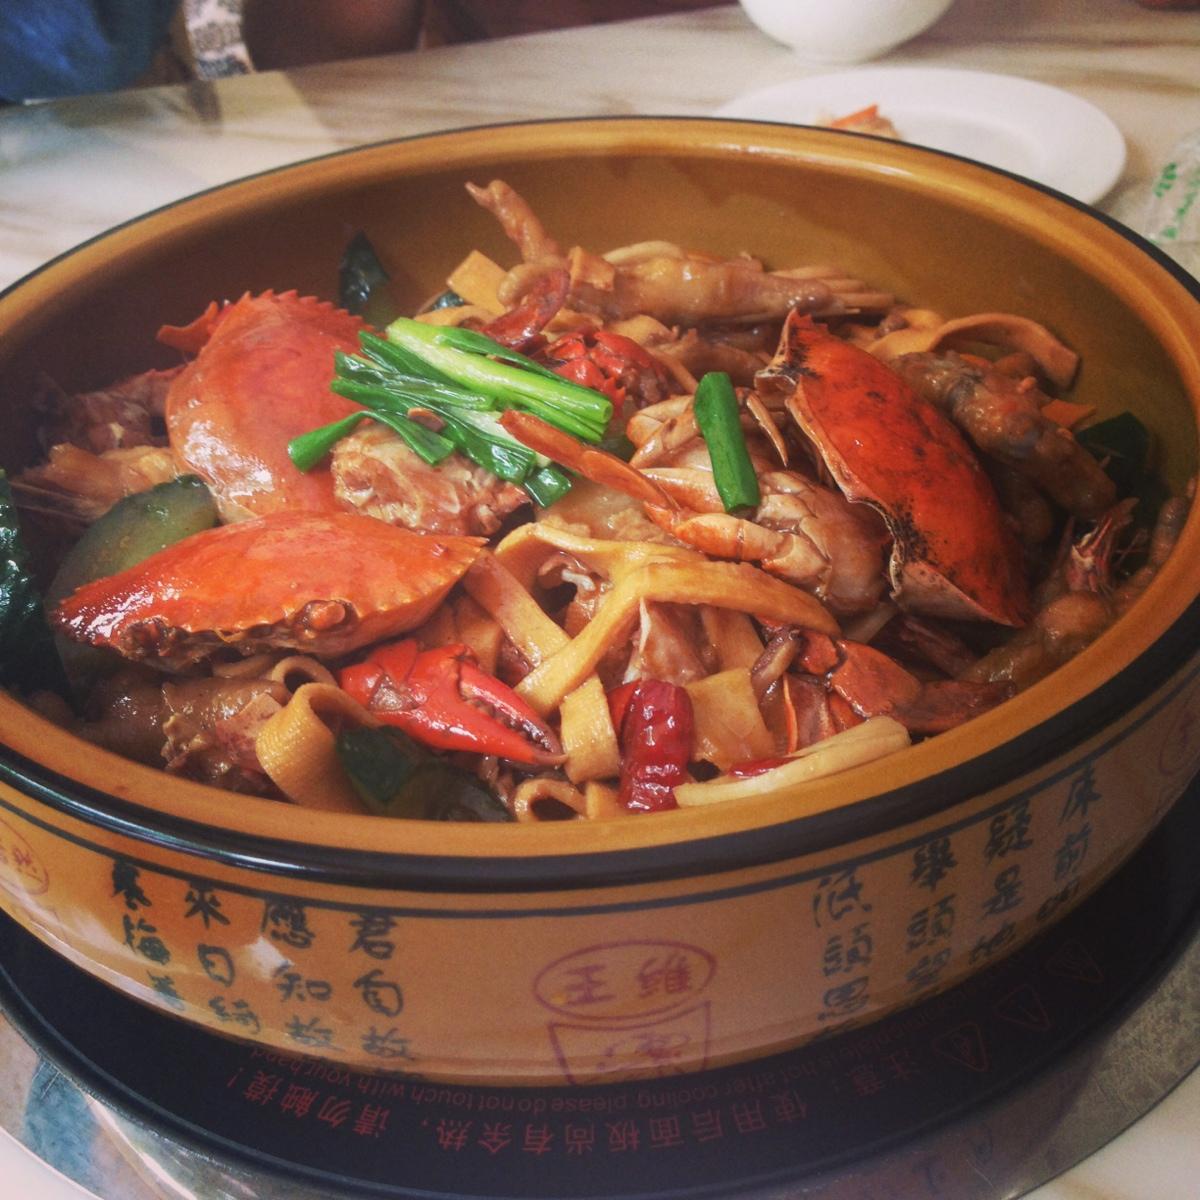 蟹蟹侬麻辣肉蟹煲